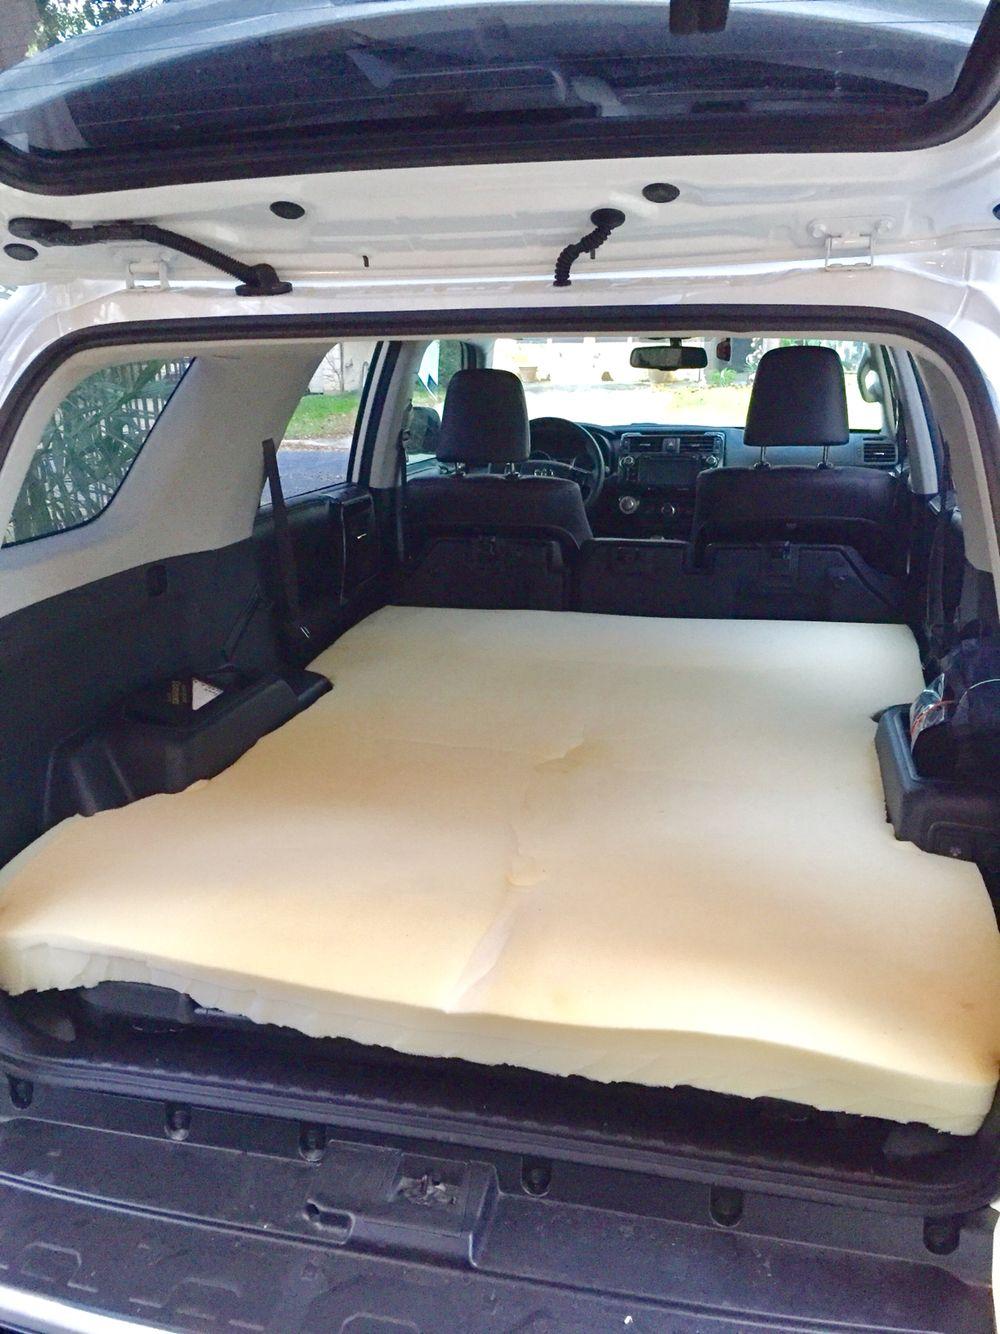 2016 4Runner TRDPro custom camping foam bedding. Suv camping